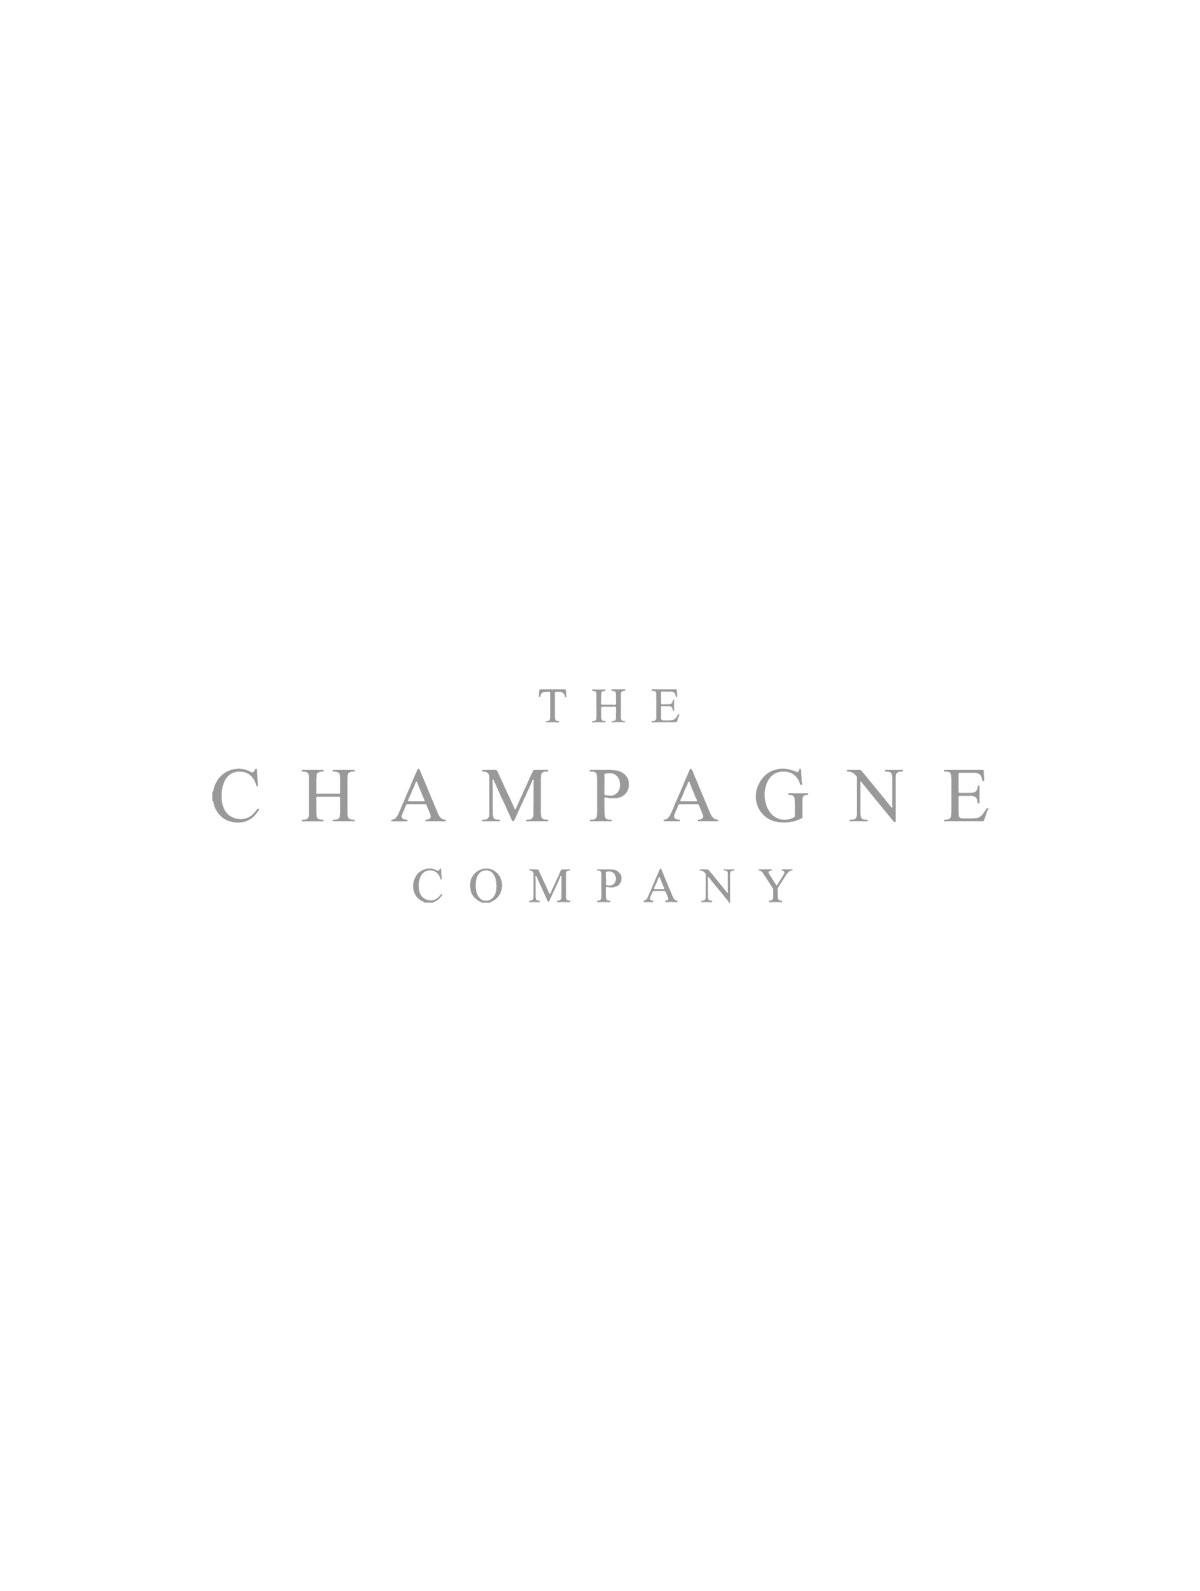 Louis Roederer Brut Rose Champagne 2011 Vintage 75cl